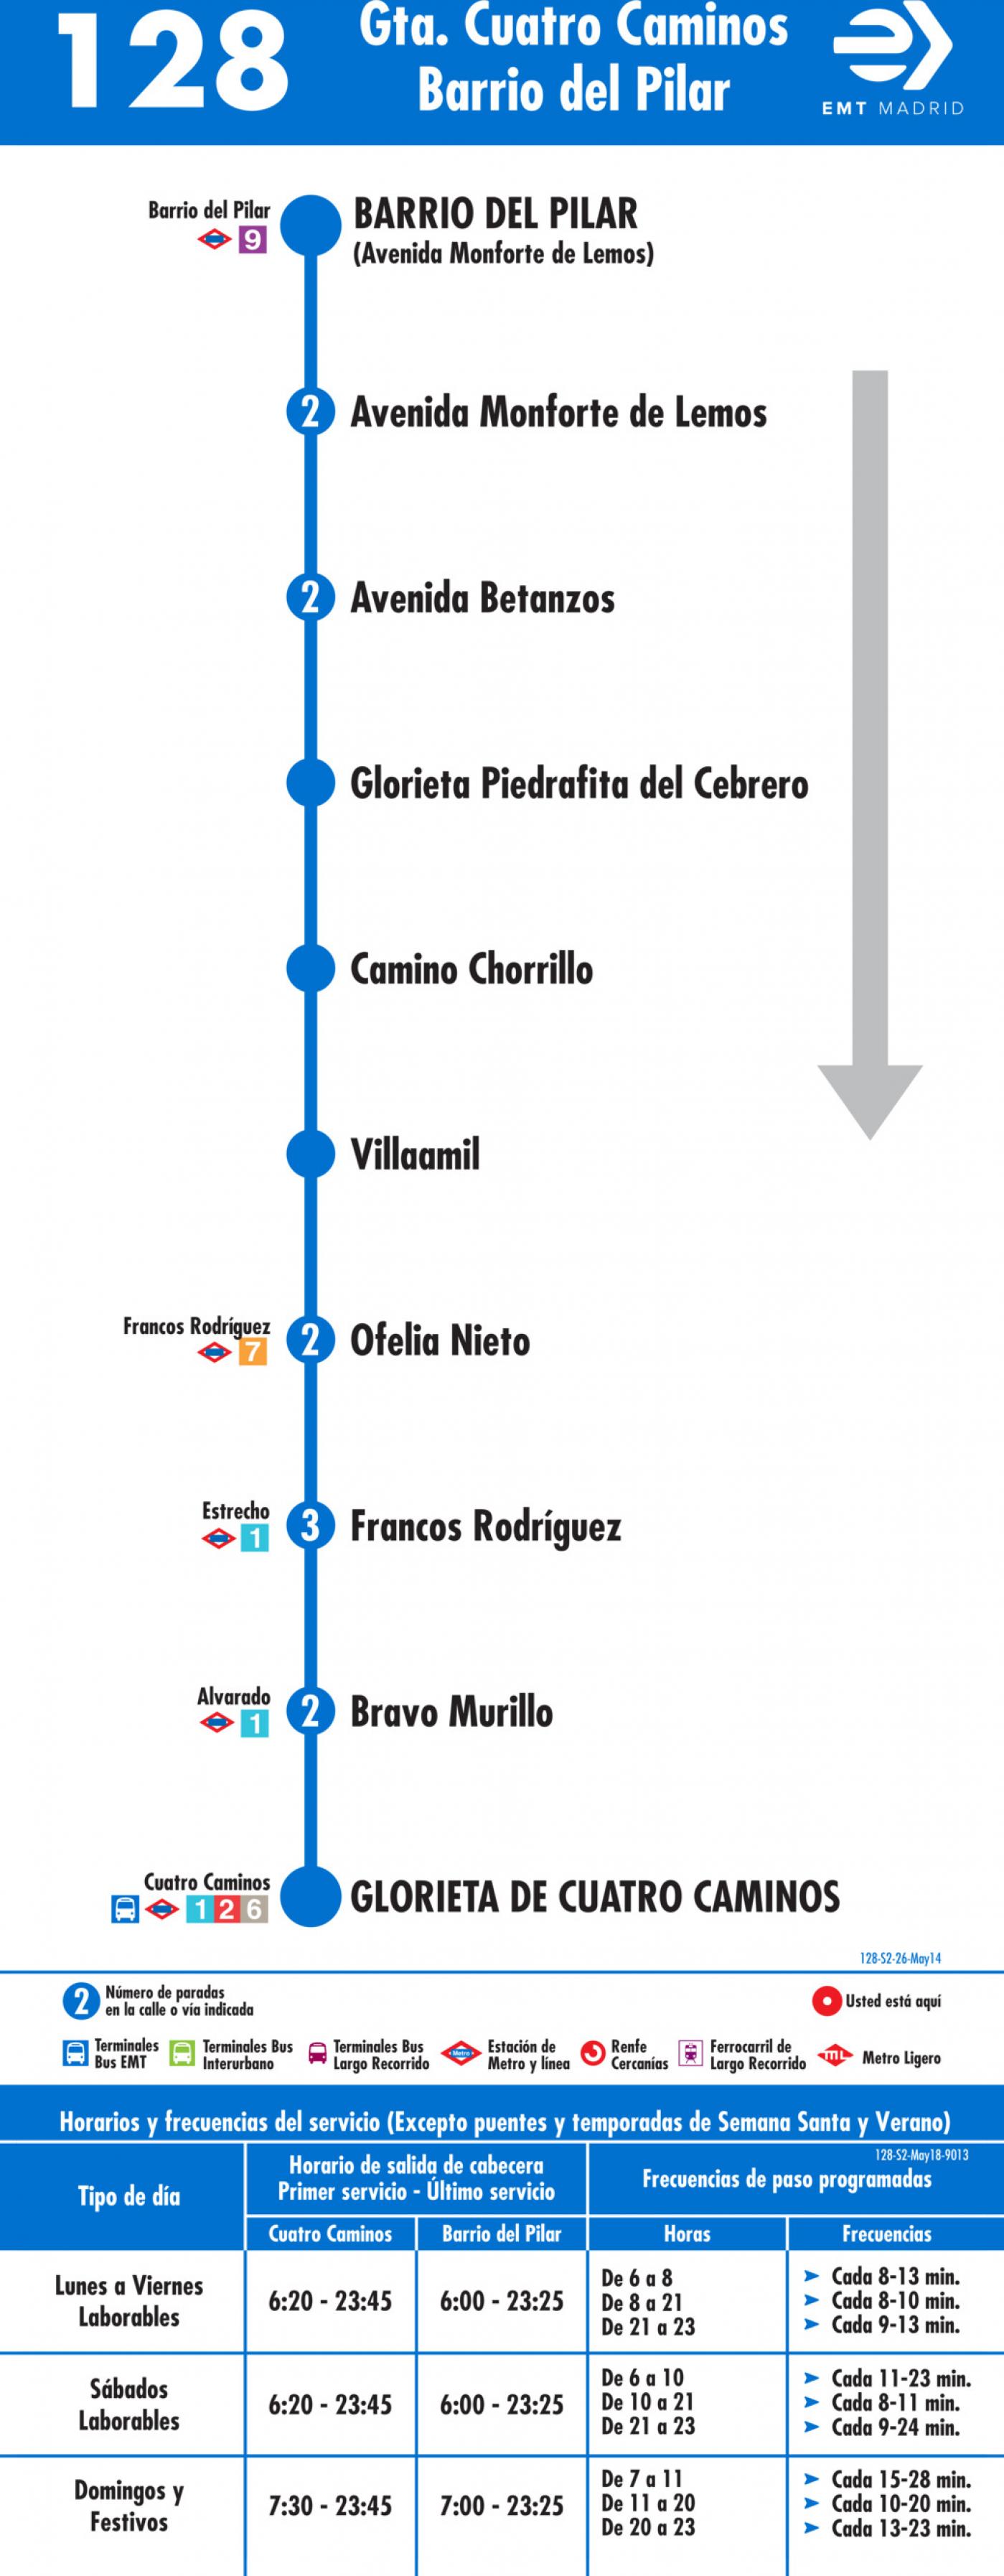 Tabla de horarios y frecuencias de paso en sentido vuelta Línea 128: Glorieta de Cuatro Caminos - Barrio del Pilar